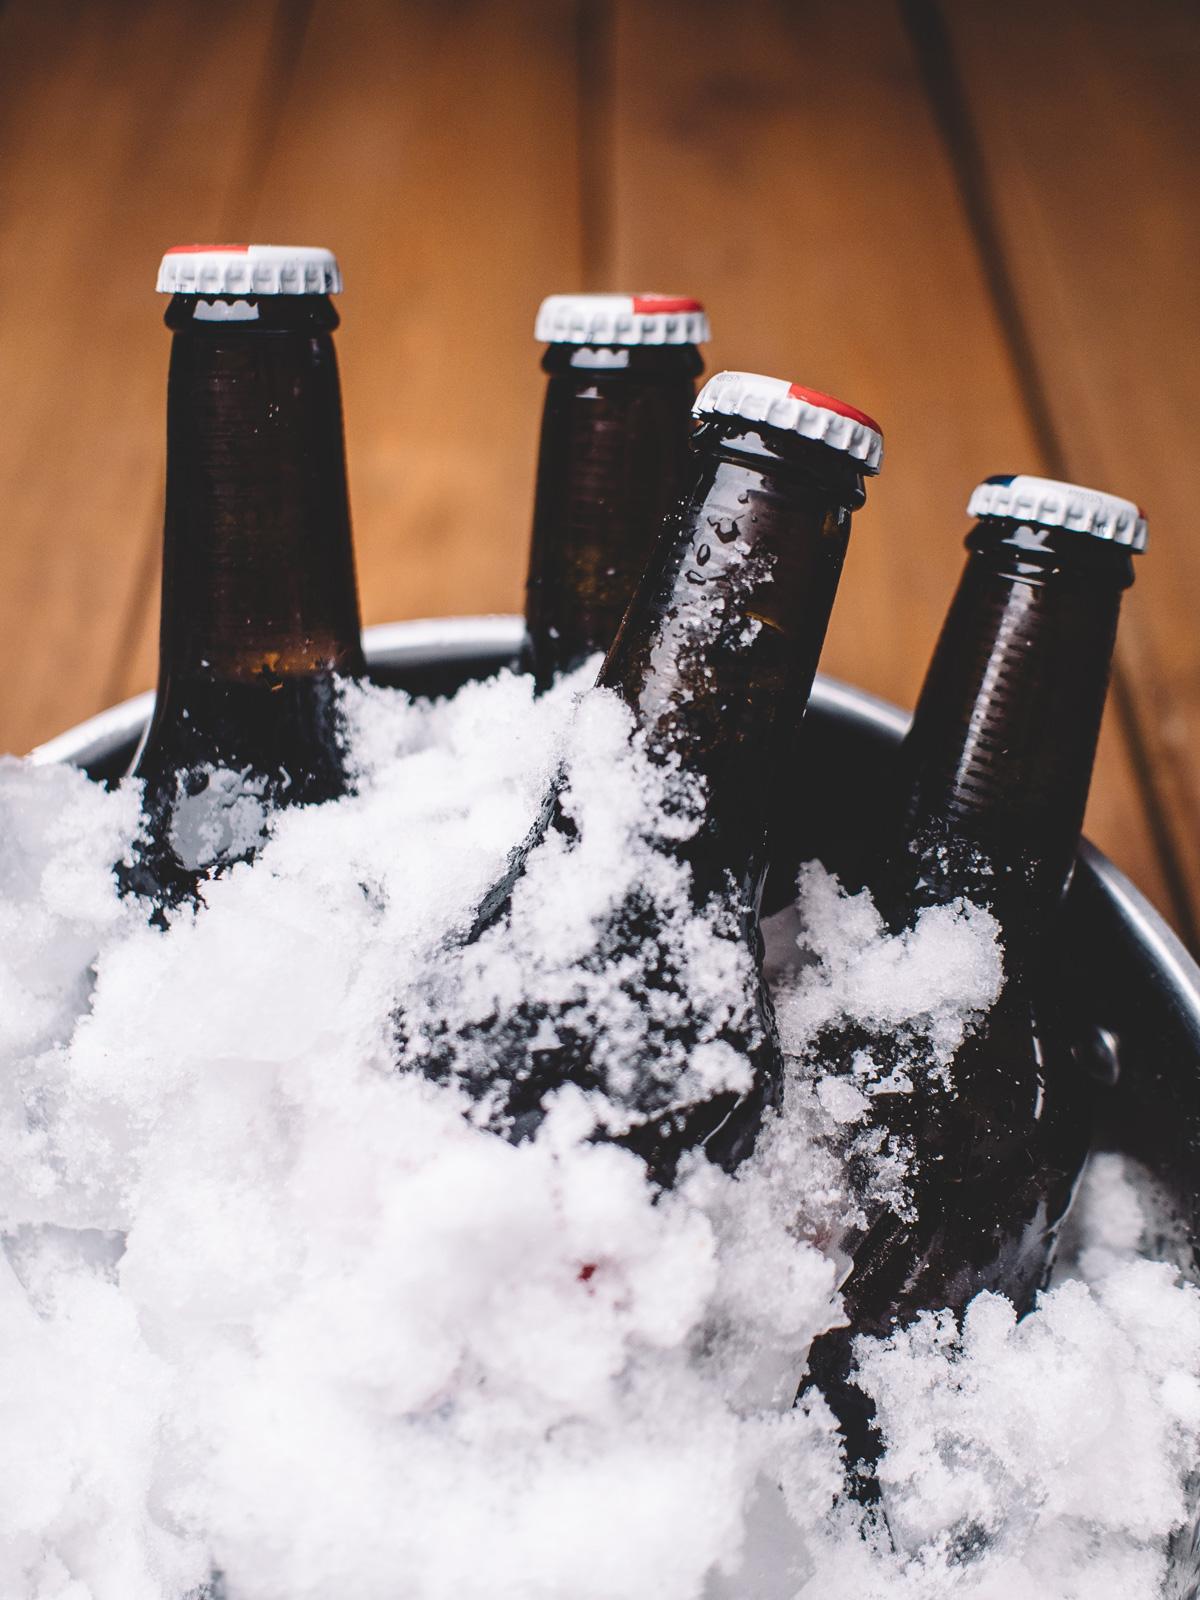 beer_bottles.jpg